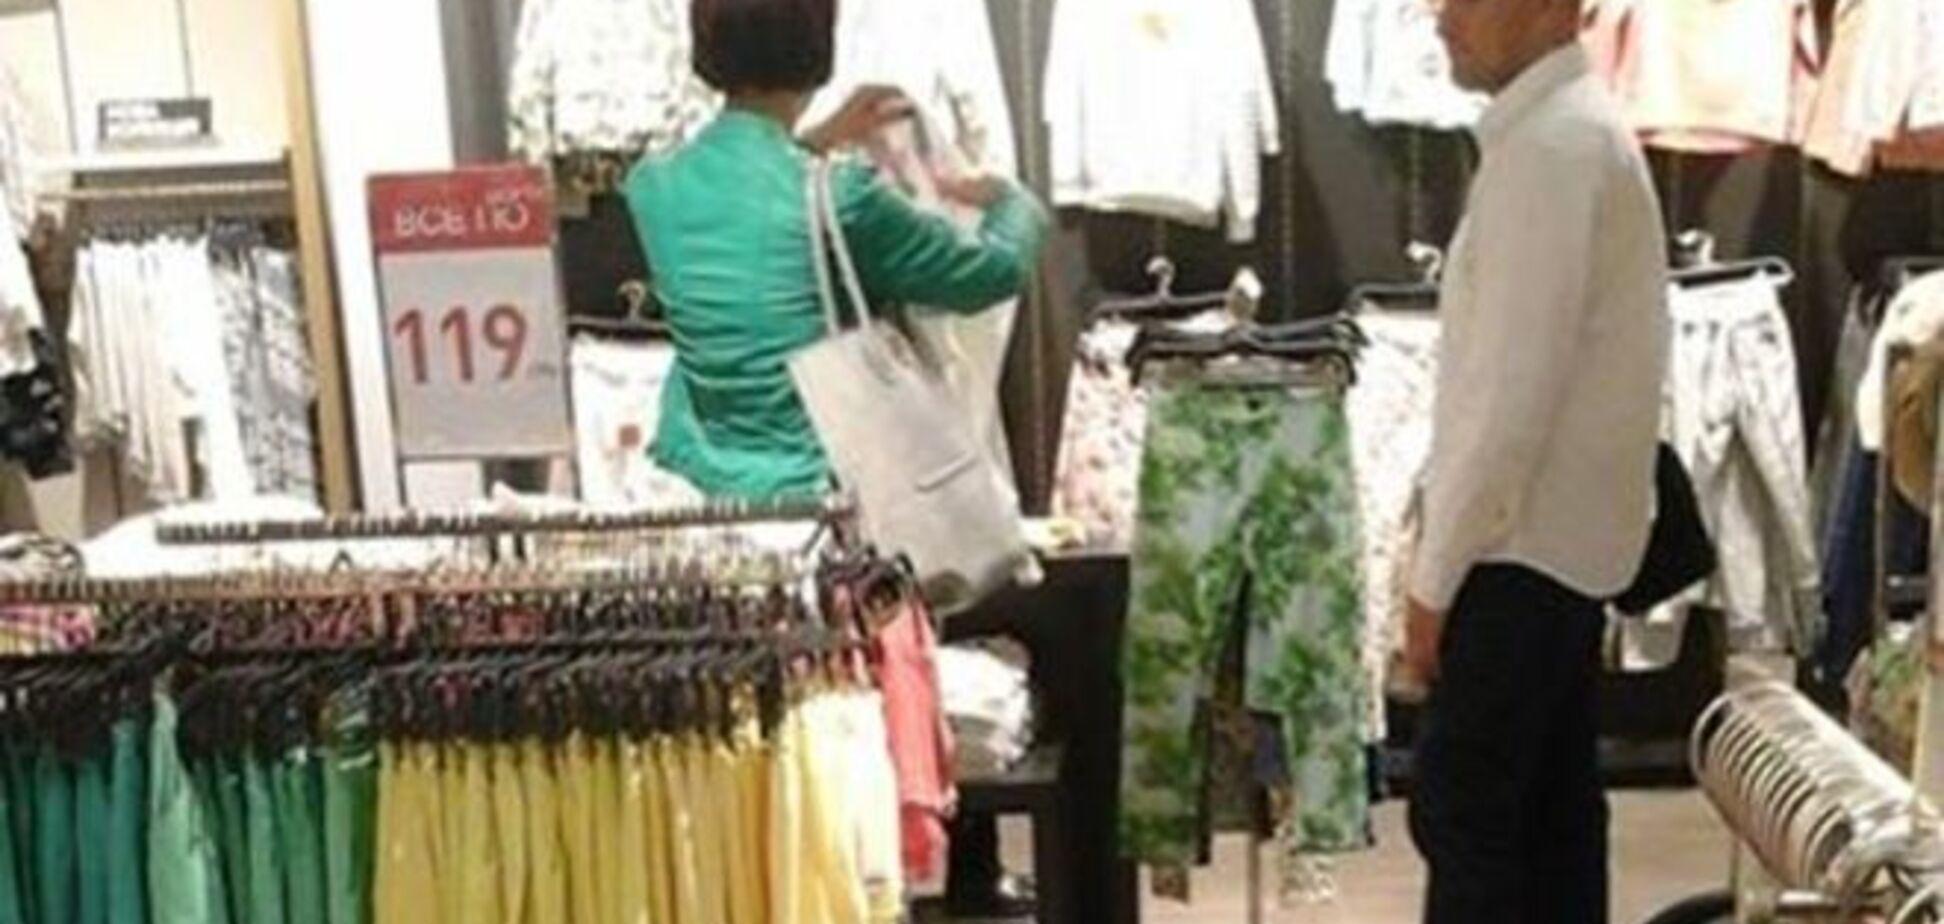 Они тоже экономят: жена Яценюка покупает вещи на распродажах. Фотофакт